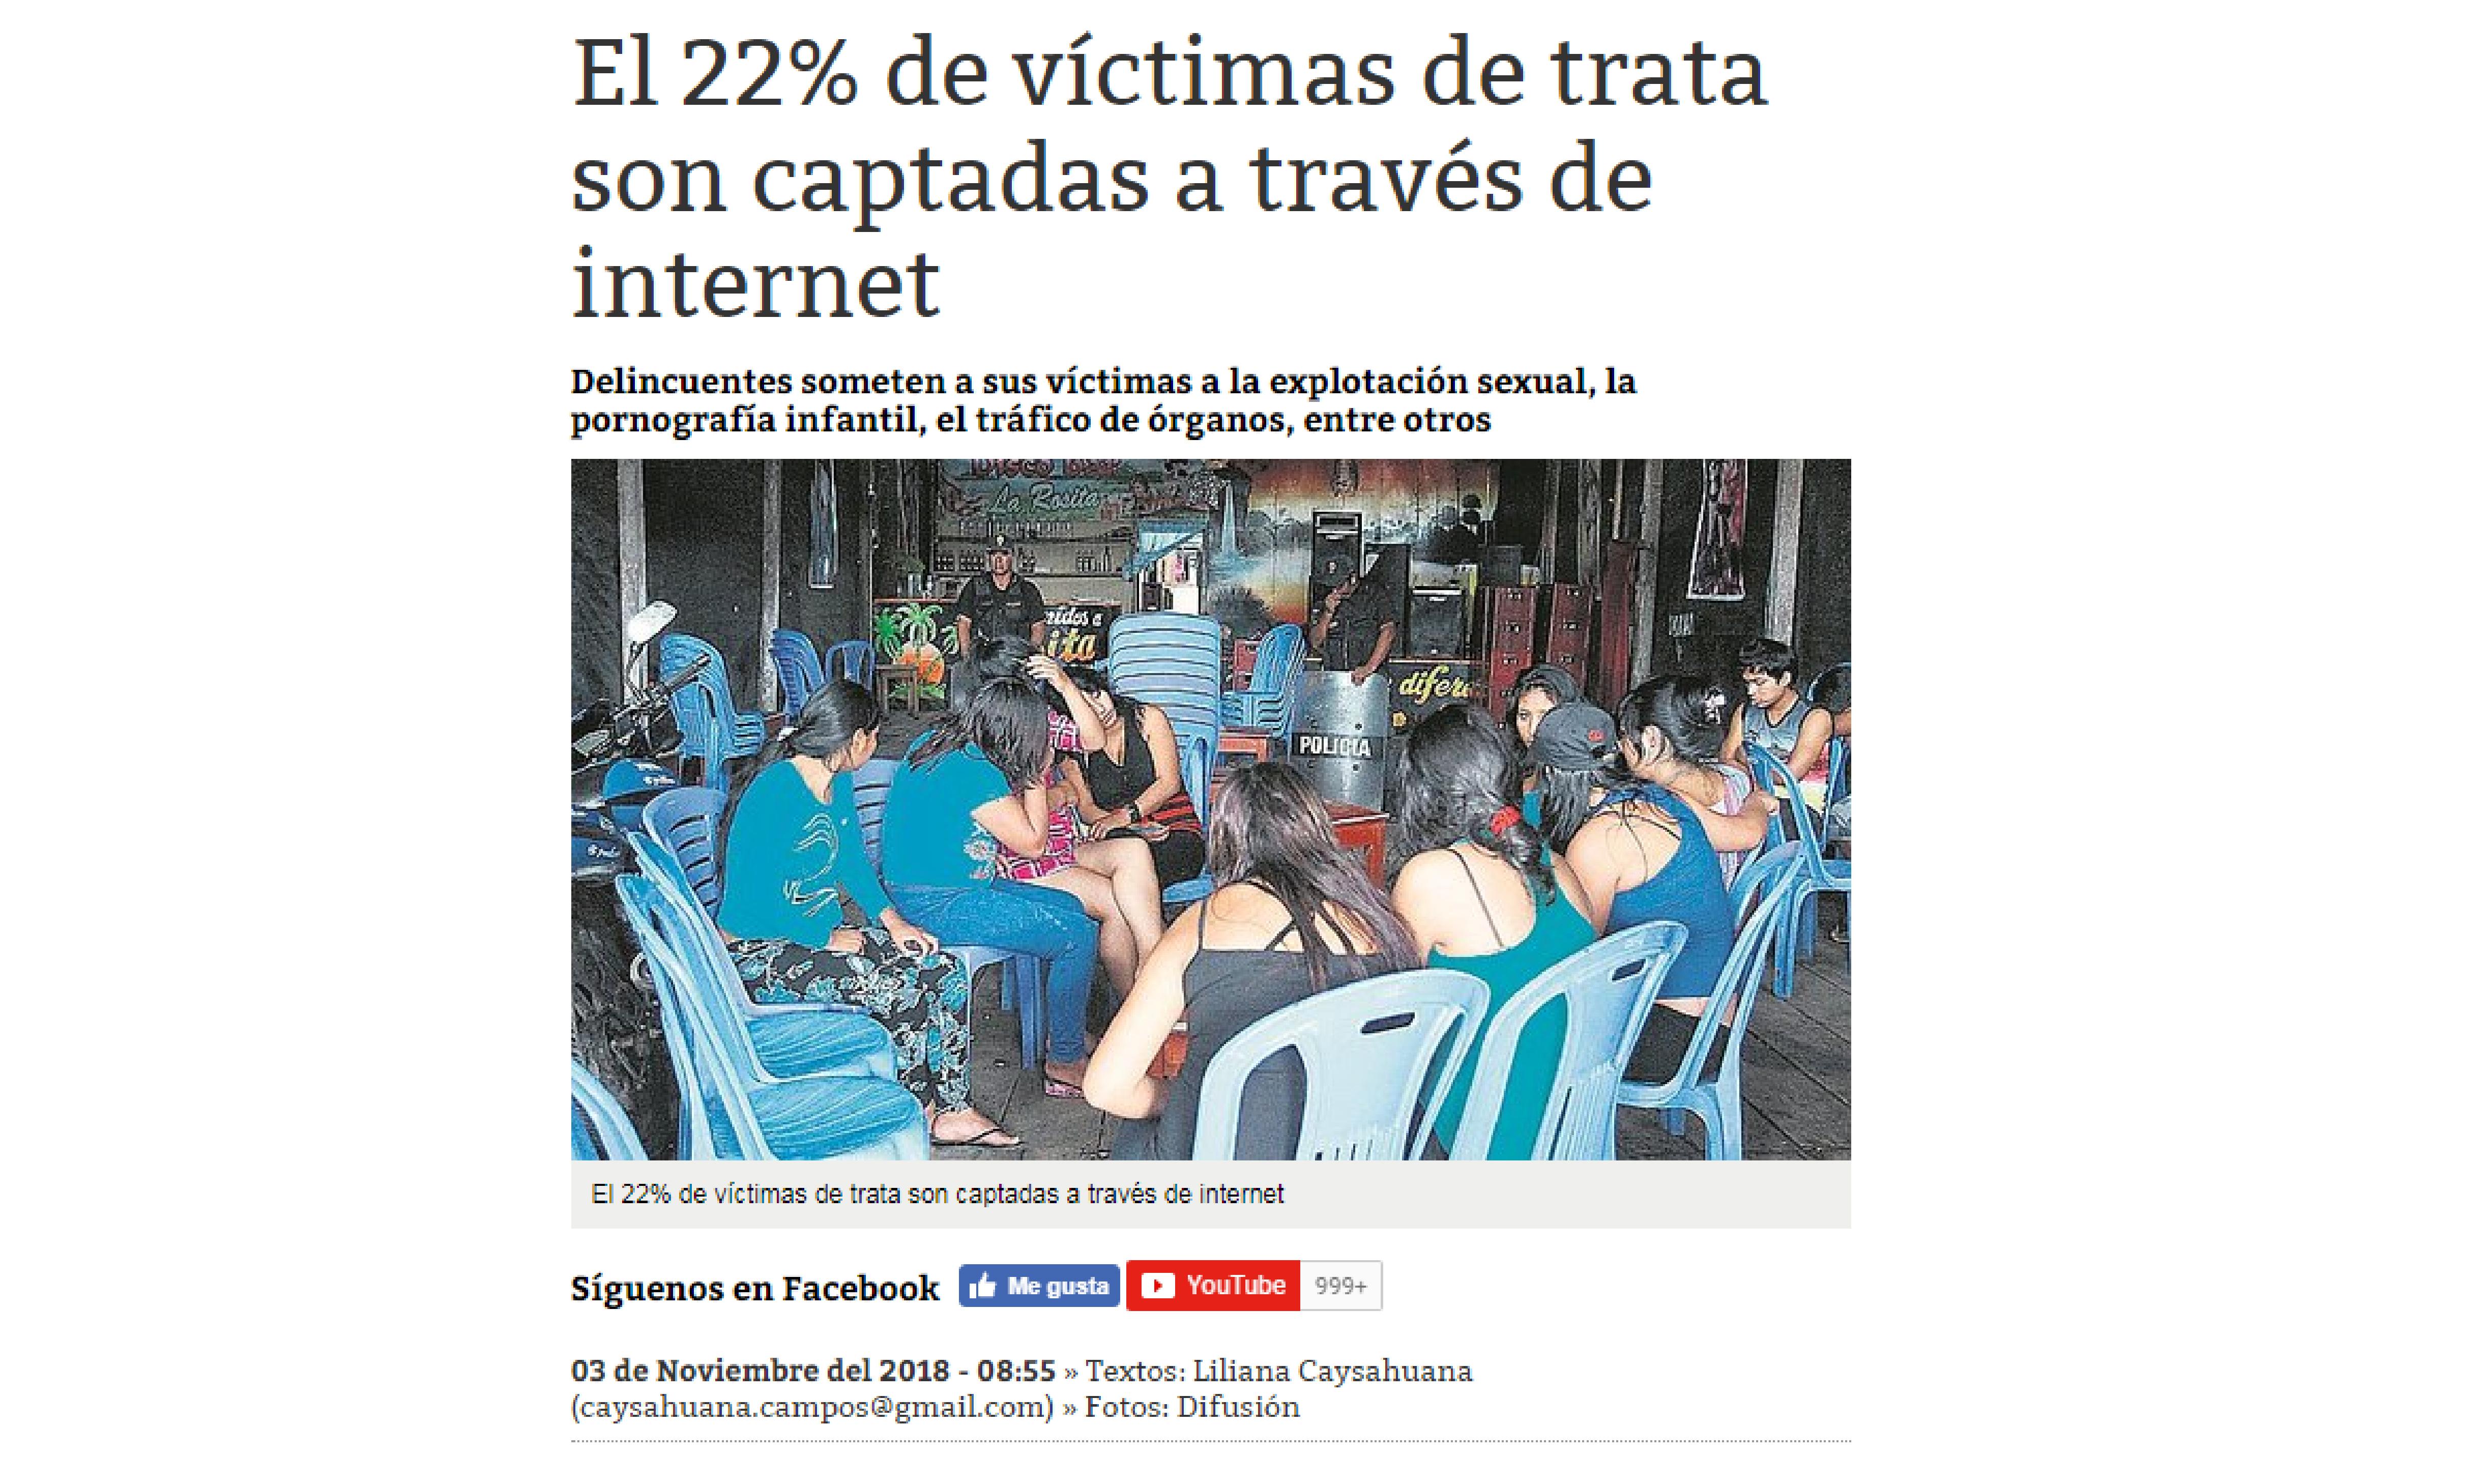 Correo: El 22% de víctimas de trata son captadas a través de internet